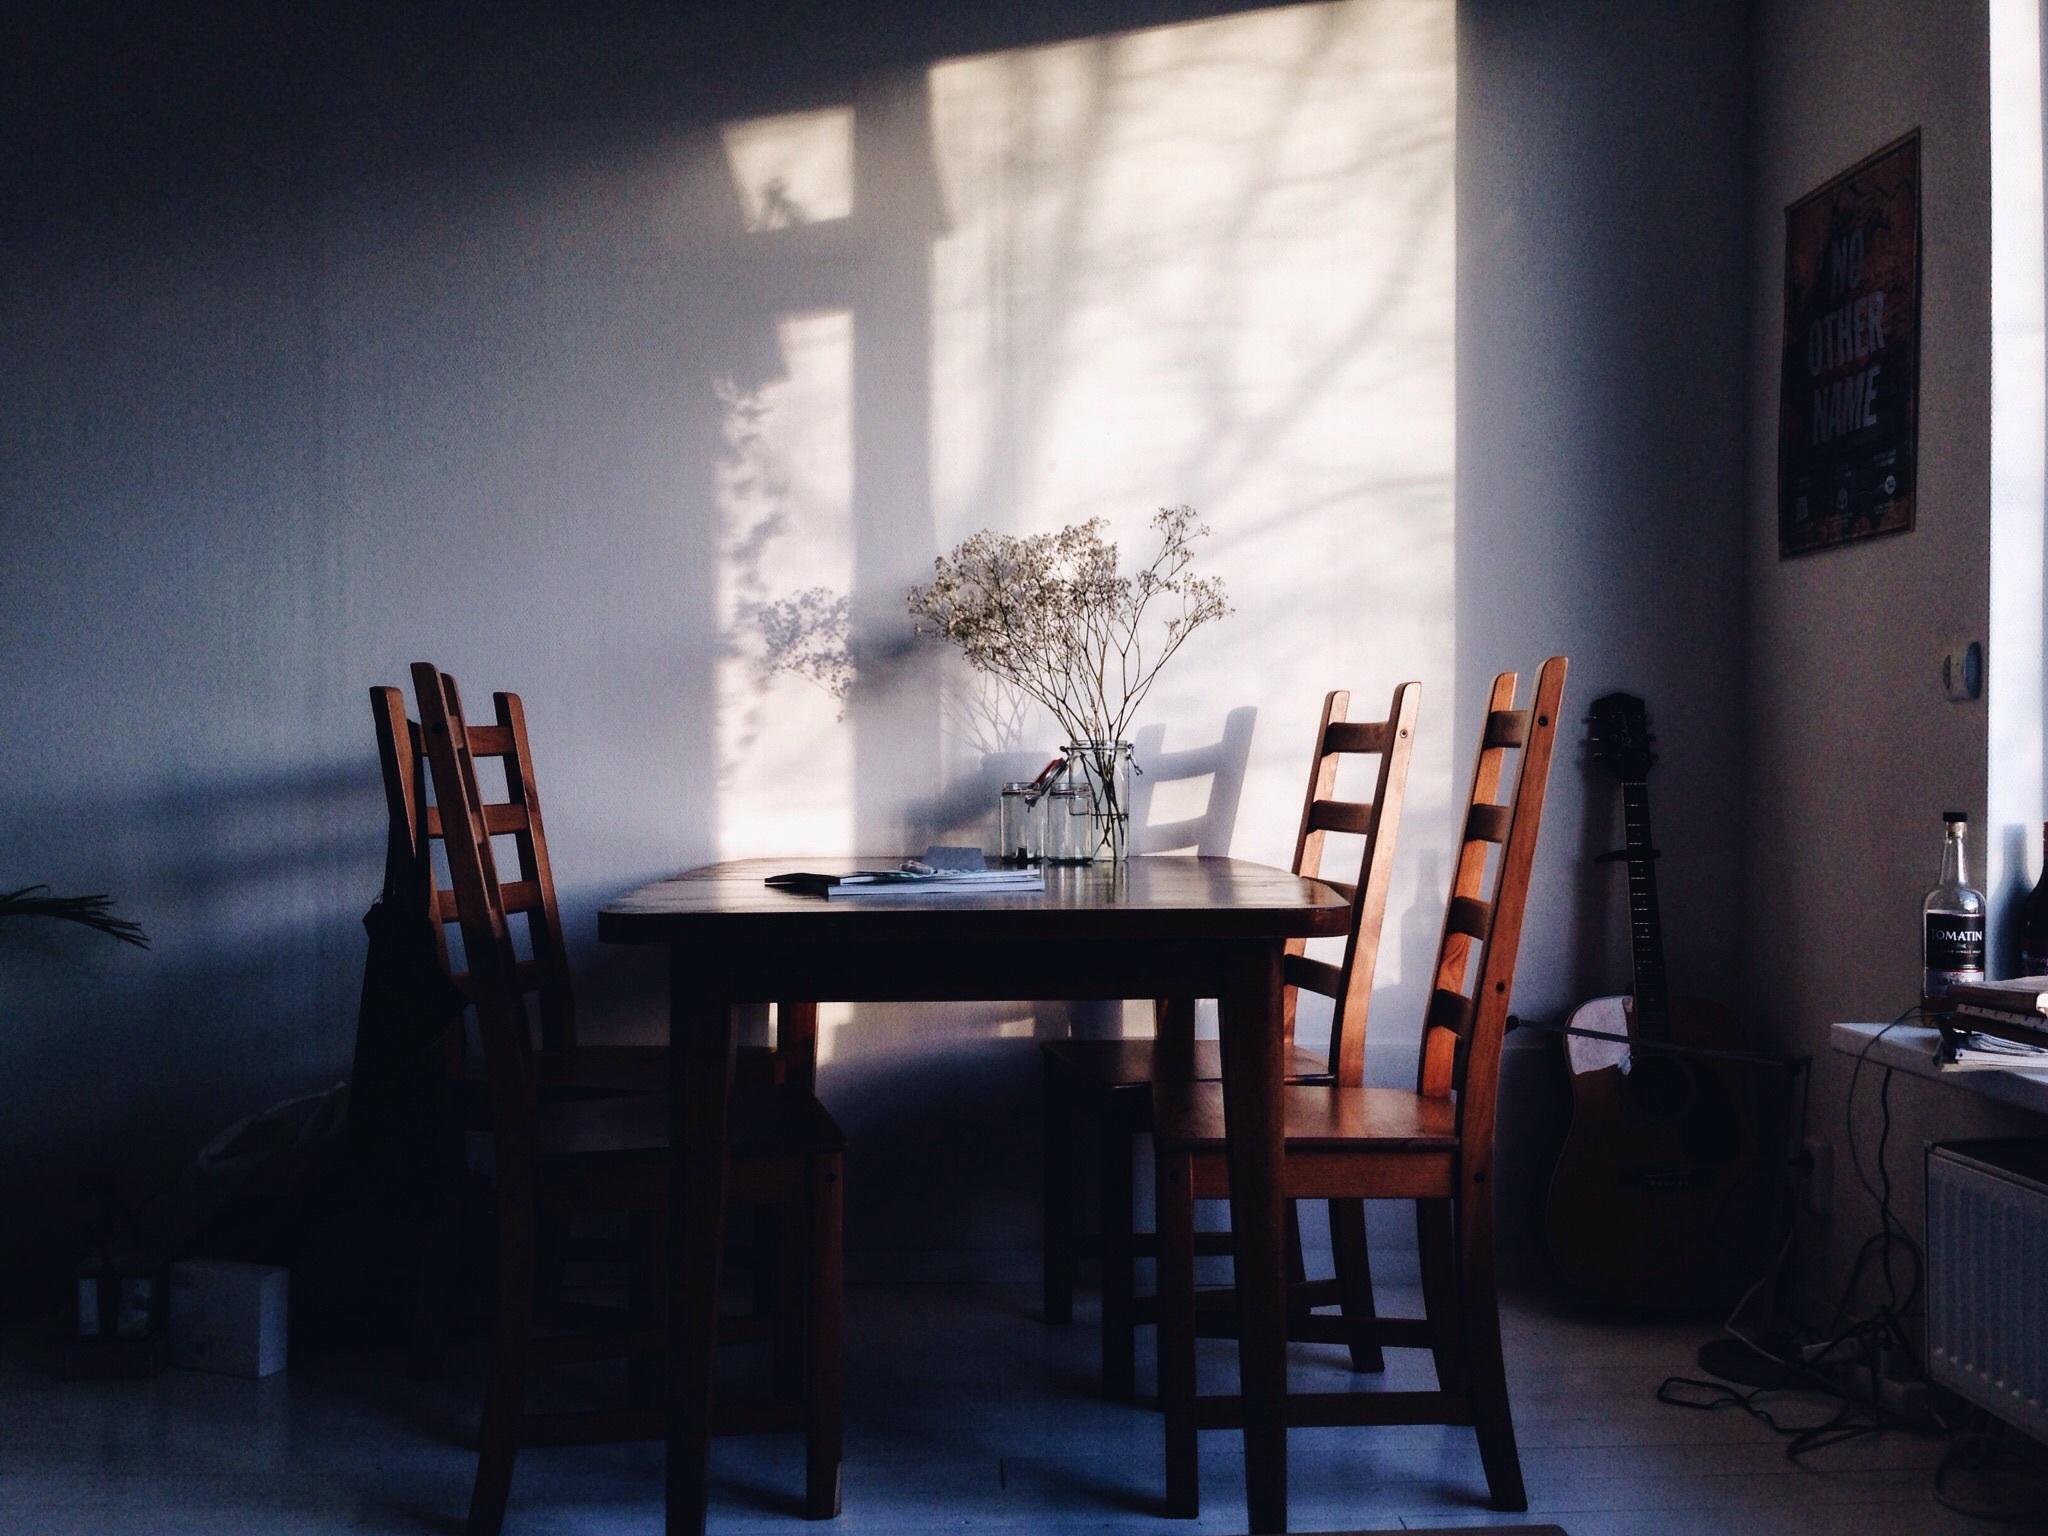 Illuminazione Tavoli Ristorante : Immagini belle ristorante camera illuminazione interior